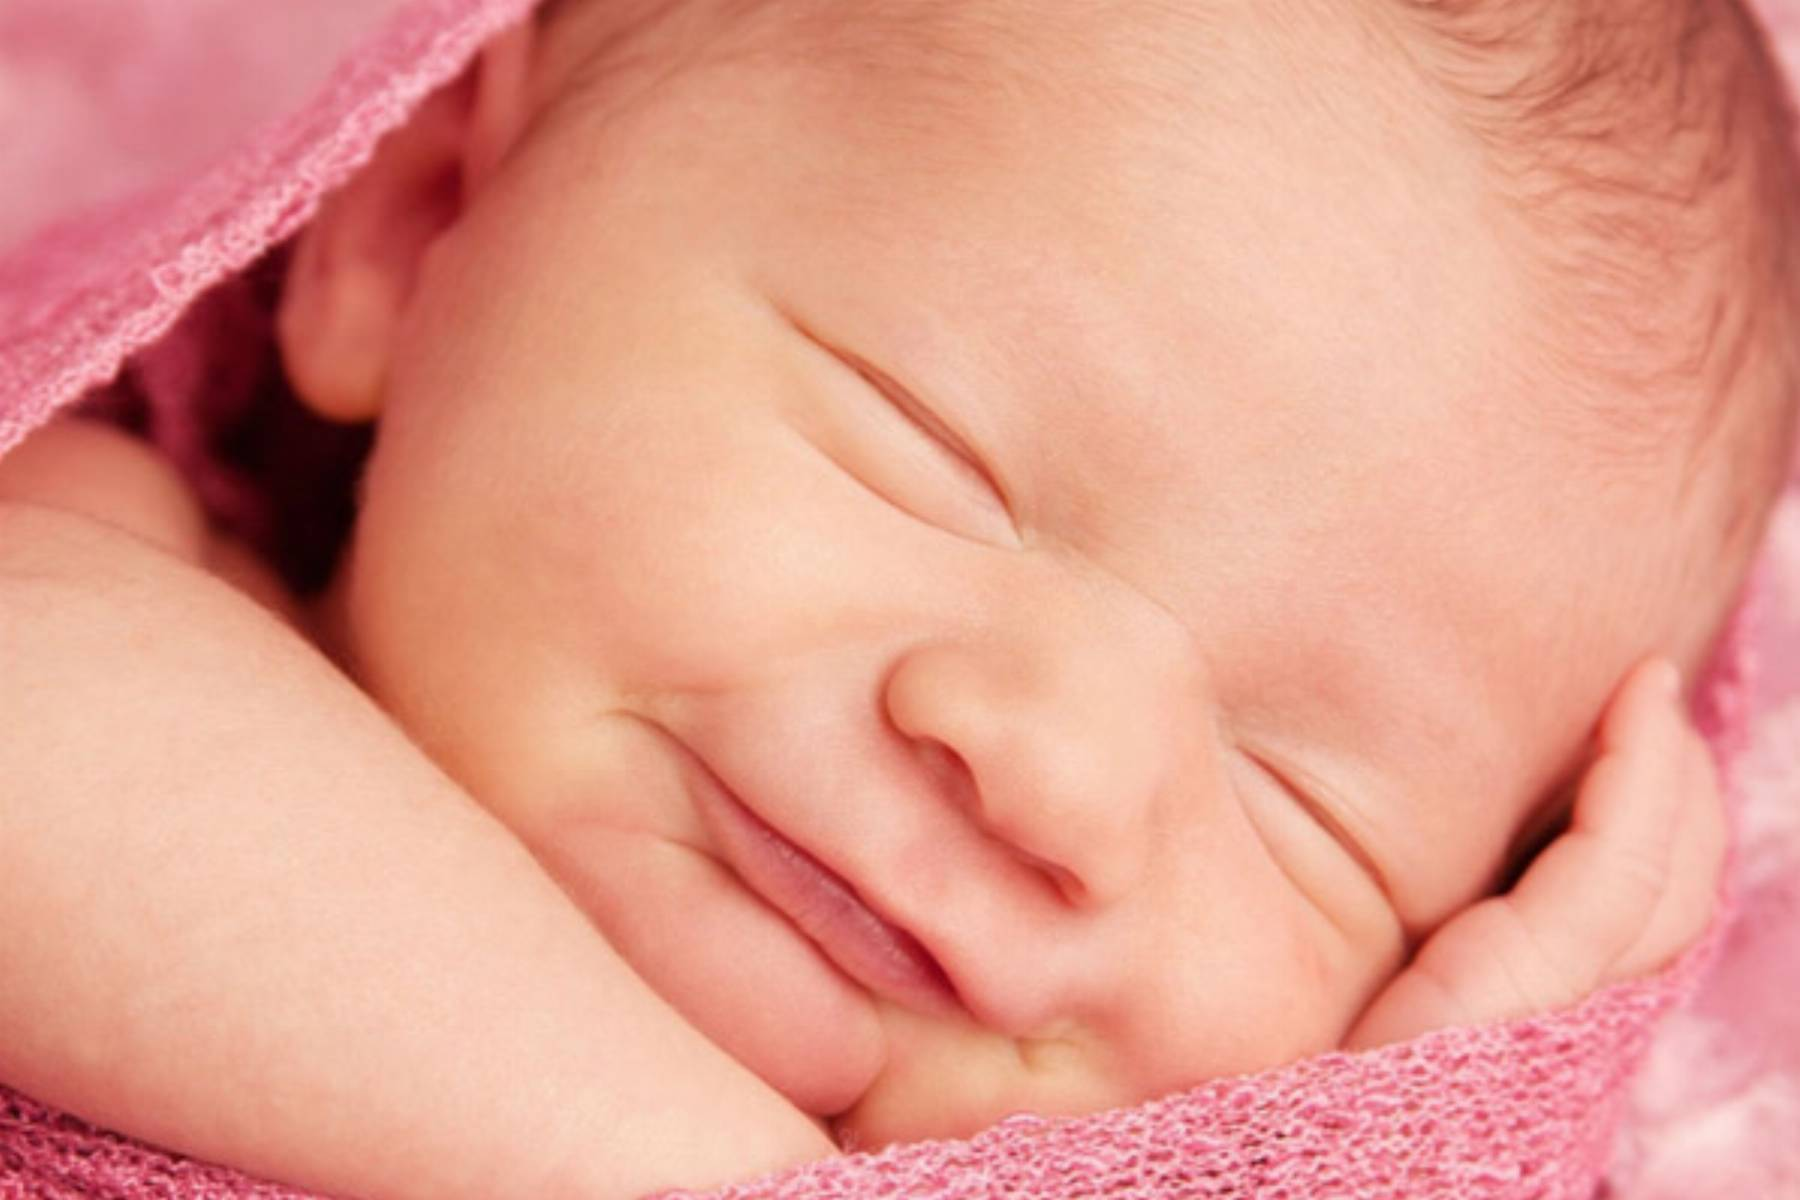 badania-prenatalne-jakie-wykonac